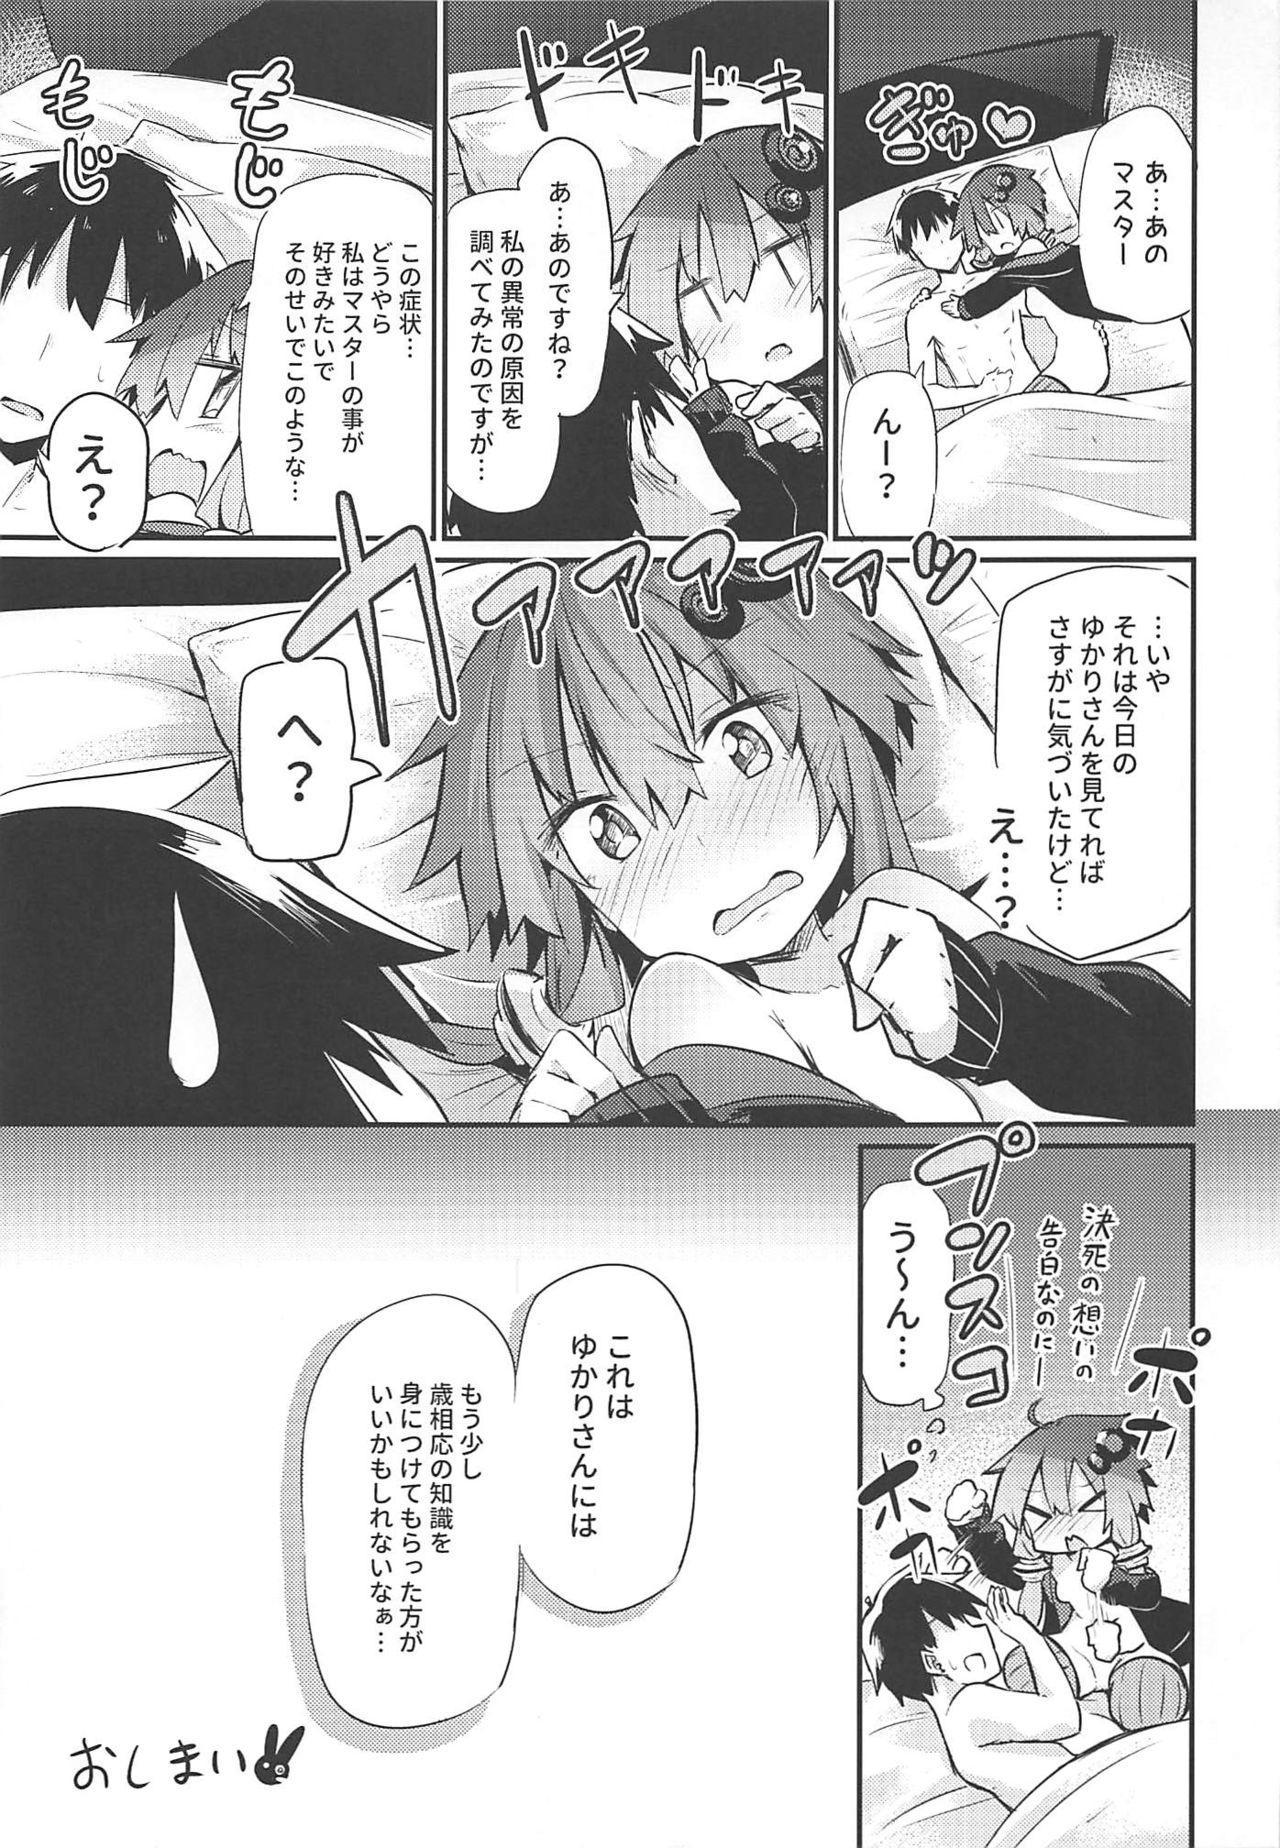 Yukari-san to Master 23